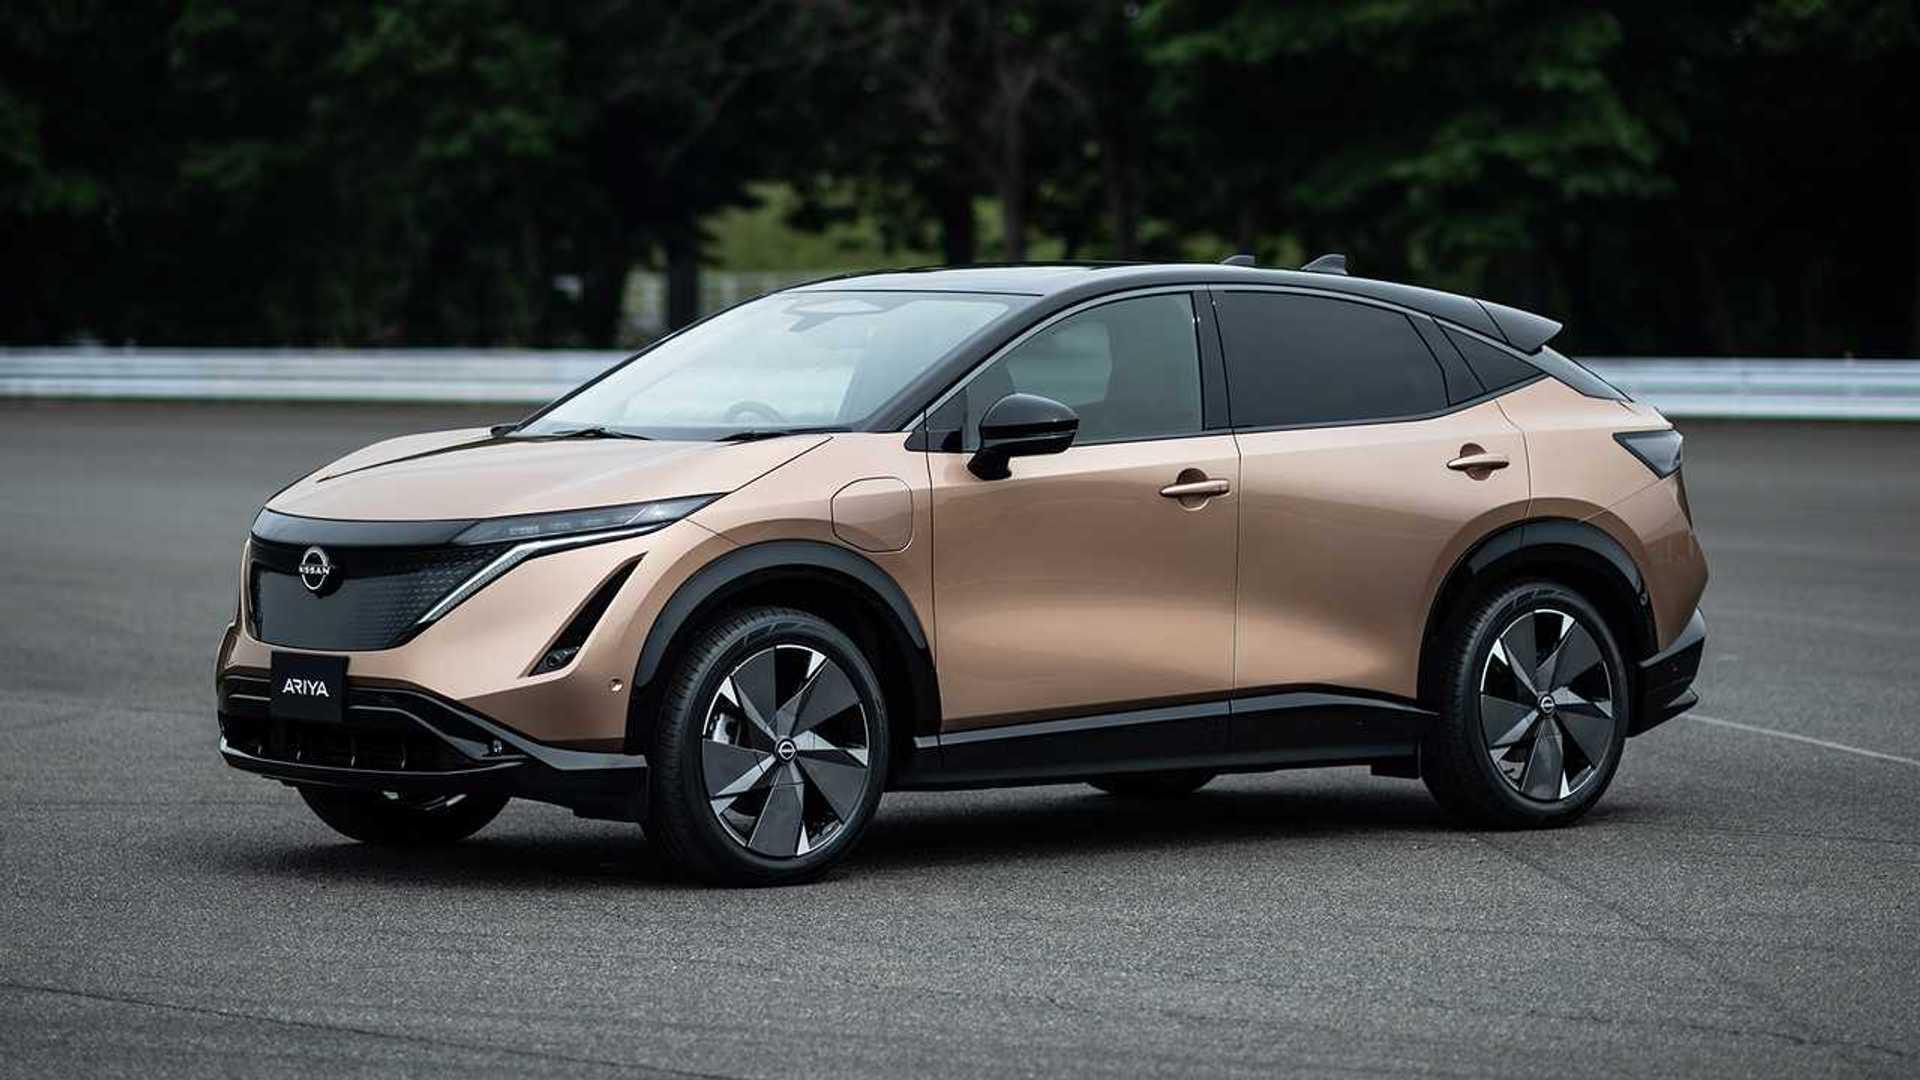 Nissan Ariya (2020) - Un nouveau SUV électrique entre dans la danse